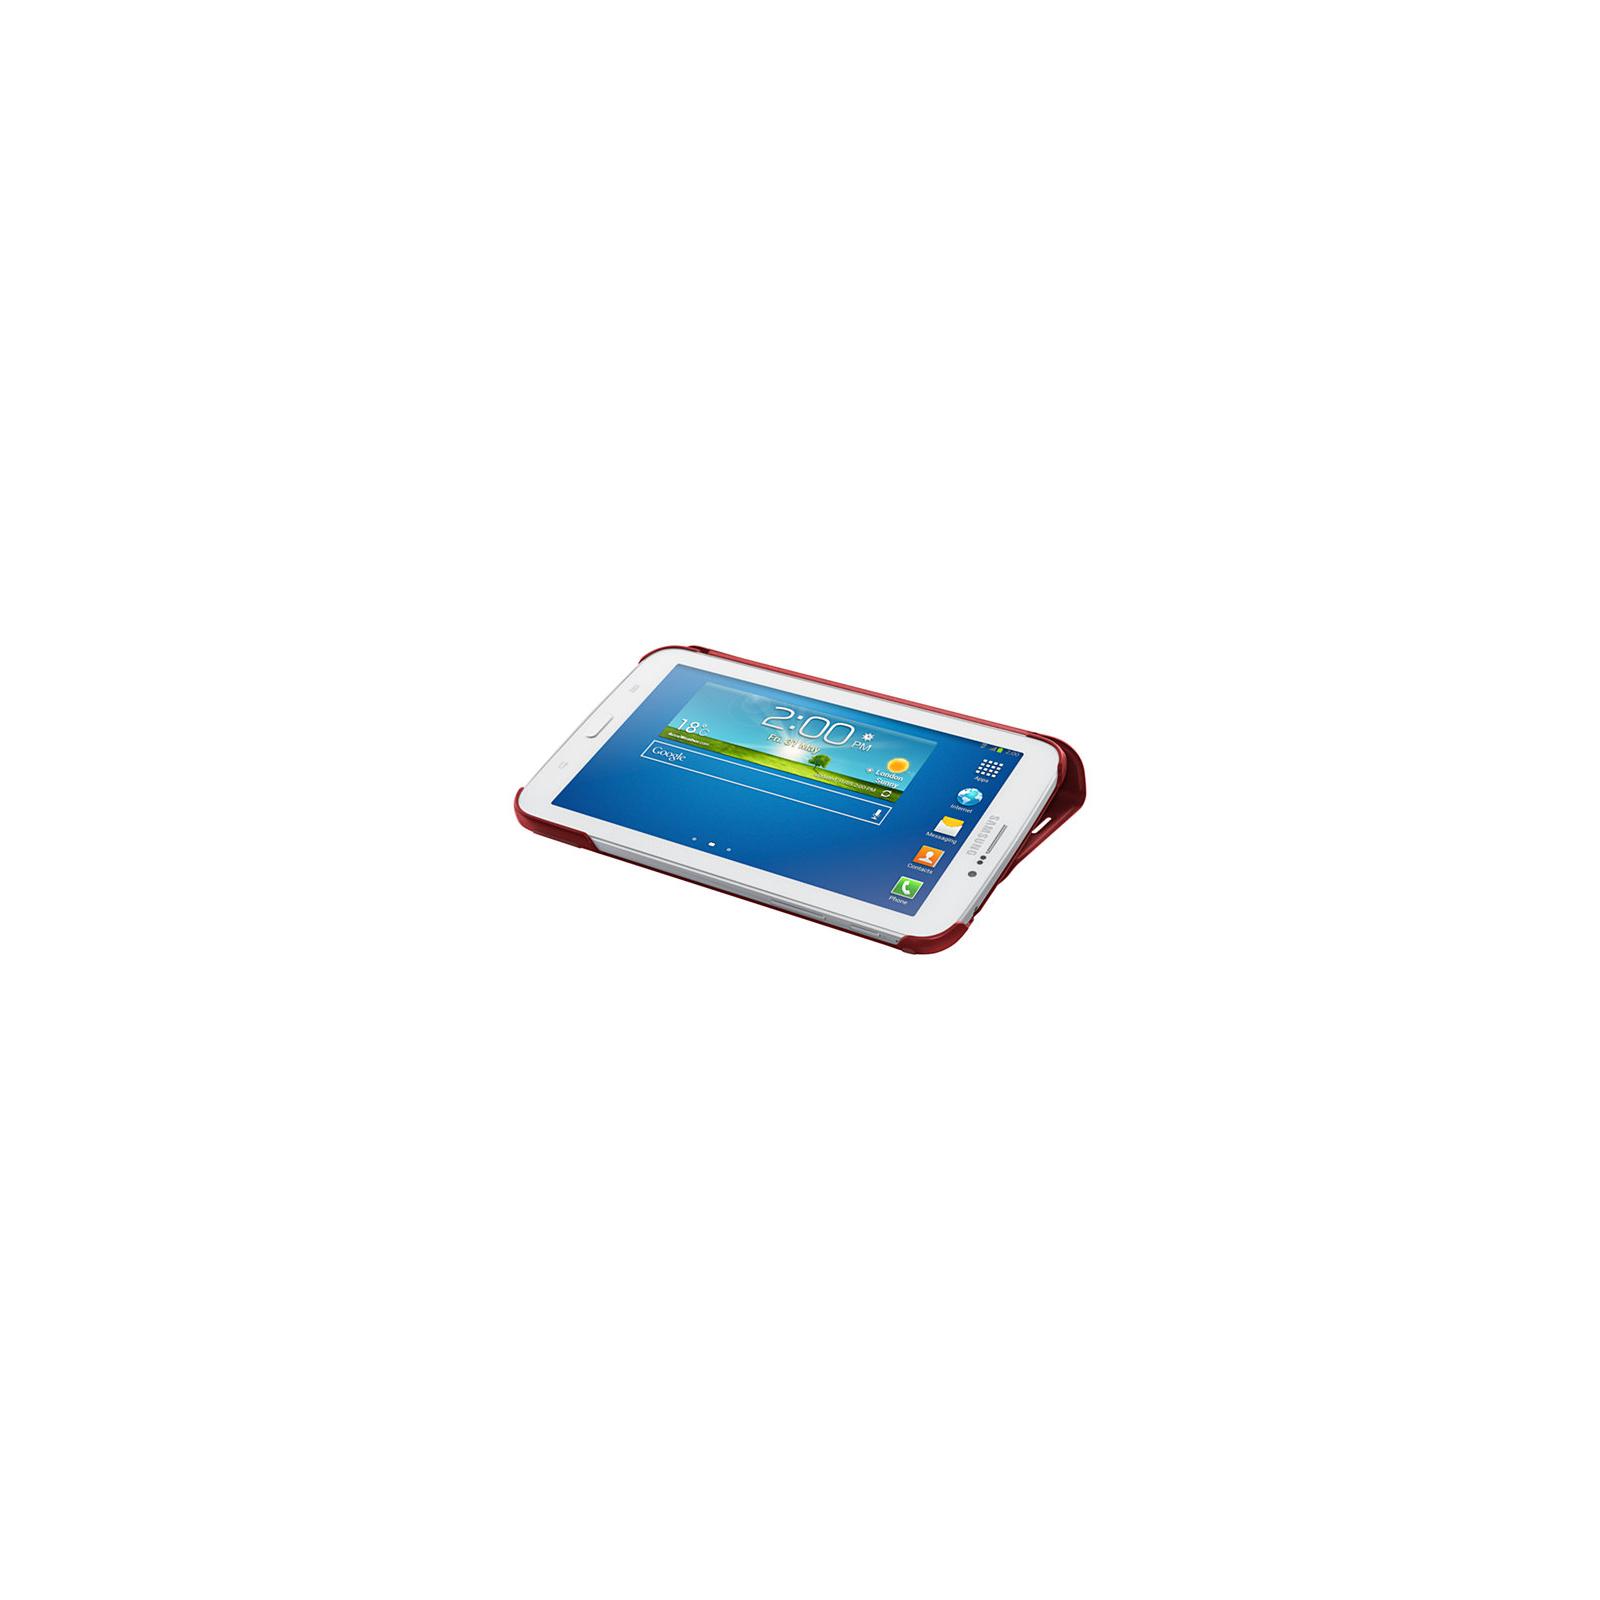 Чехол для планшета Samsung 8 GALAXY Tab 3 /Topaz Blue (EF-BT310BLEGWW) изображение 4